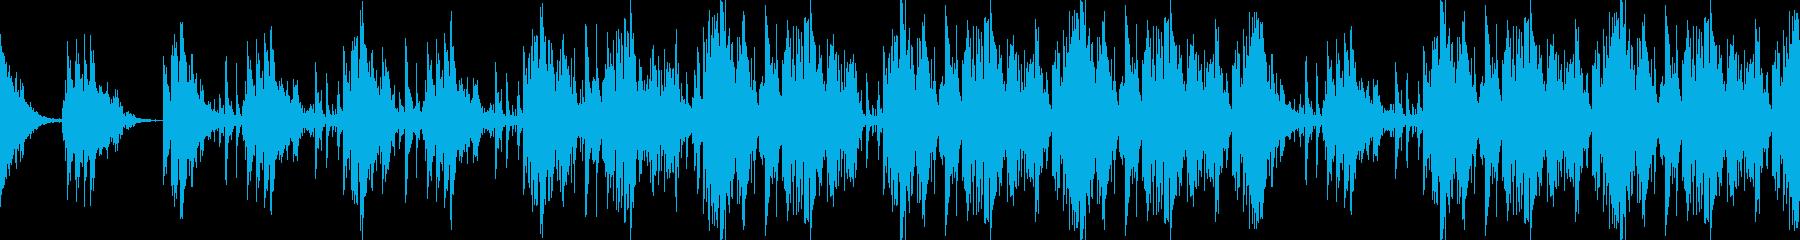 ゆったりと壮大なオーケストラ打楽器リズムの再生済みの波形